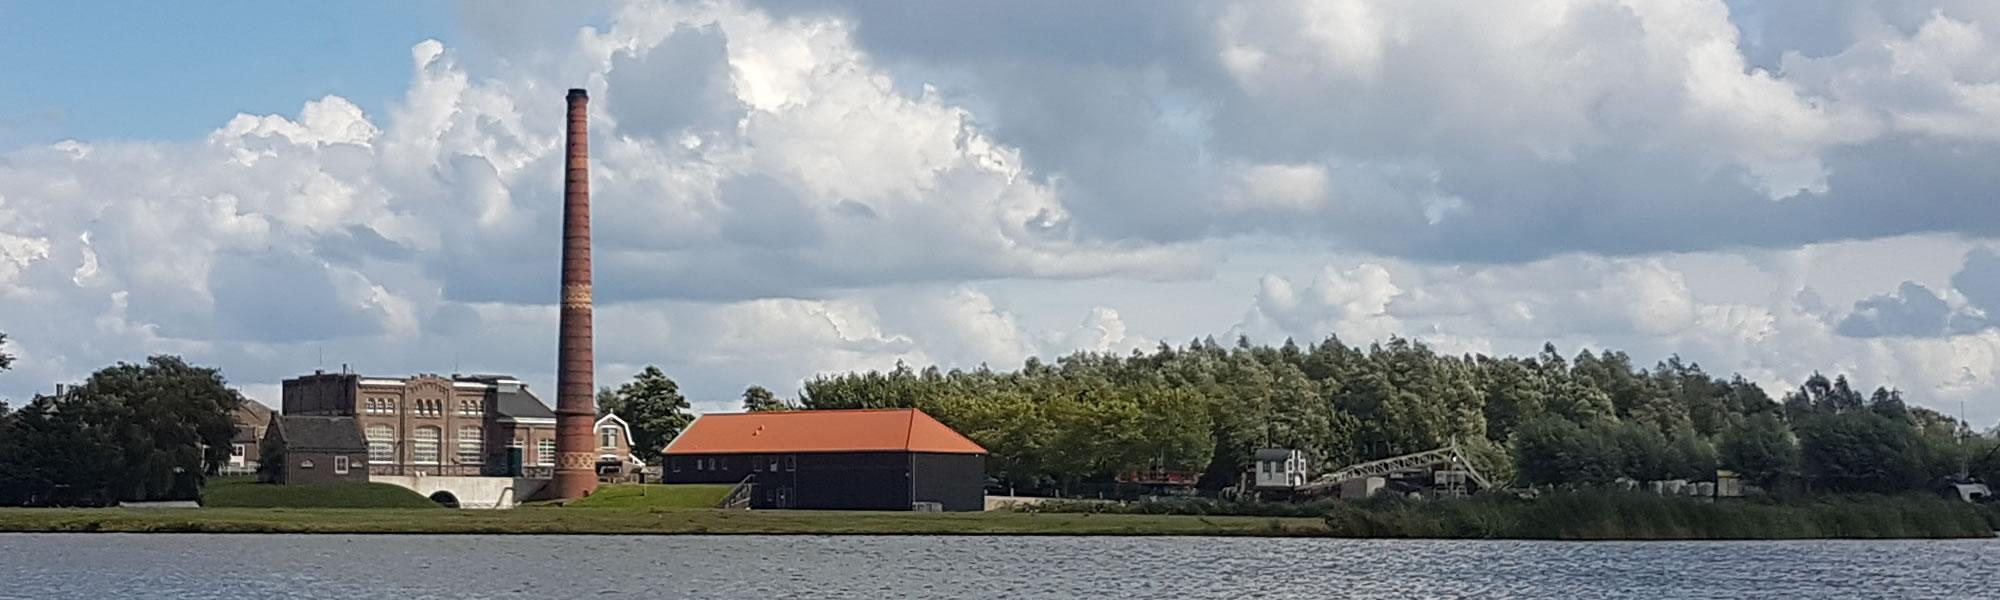 Lodge 61 - Stoomgemaal